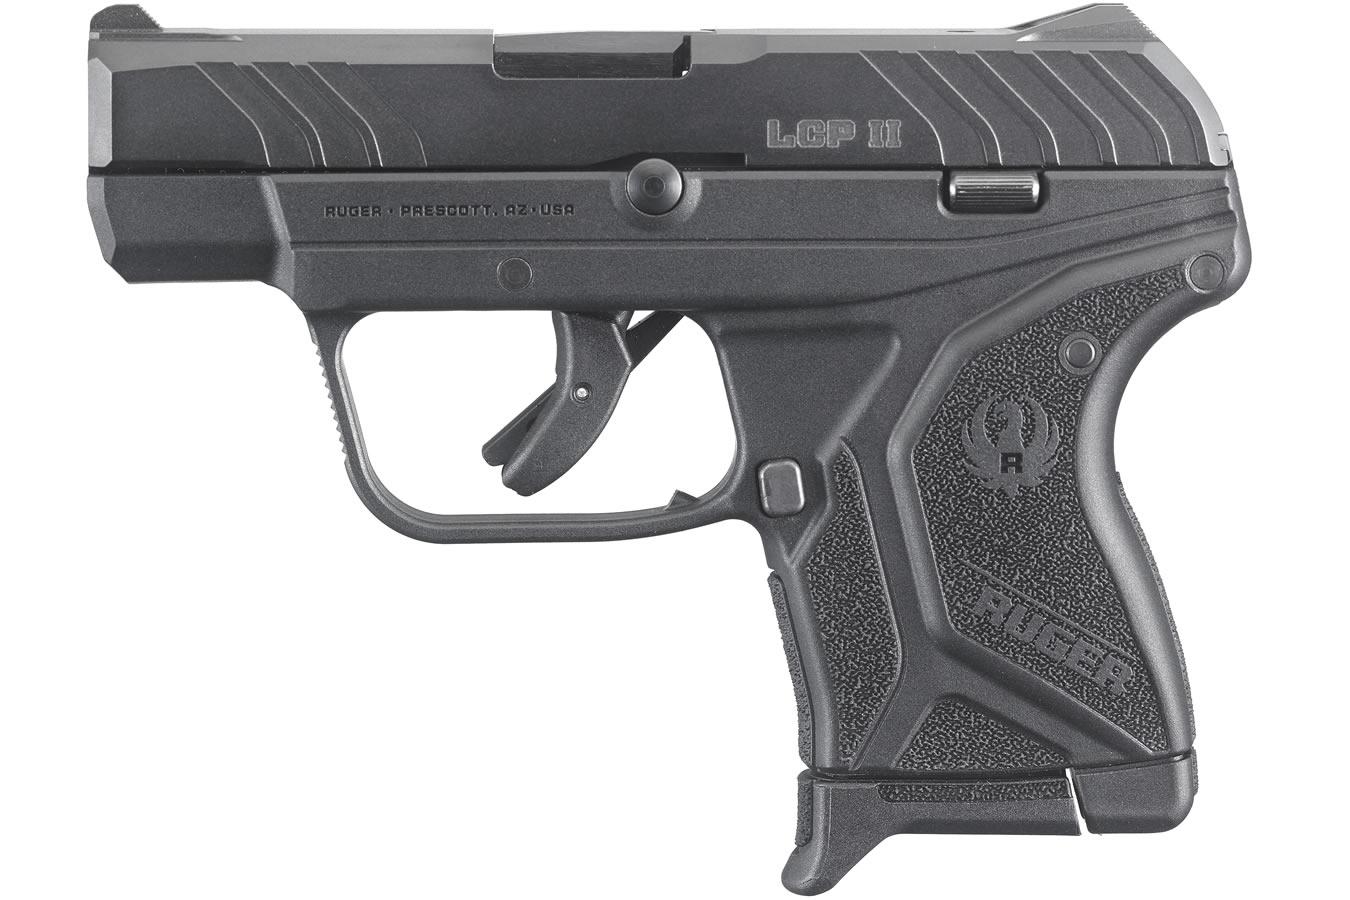 Ruger LCP II 380 pistol